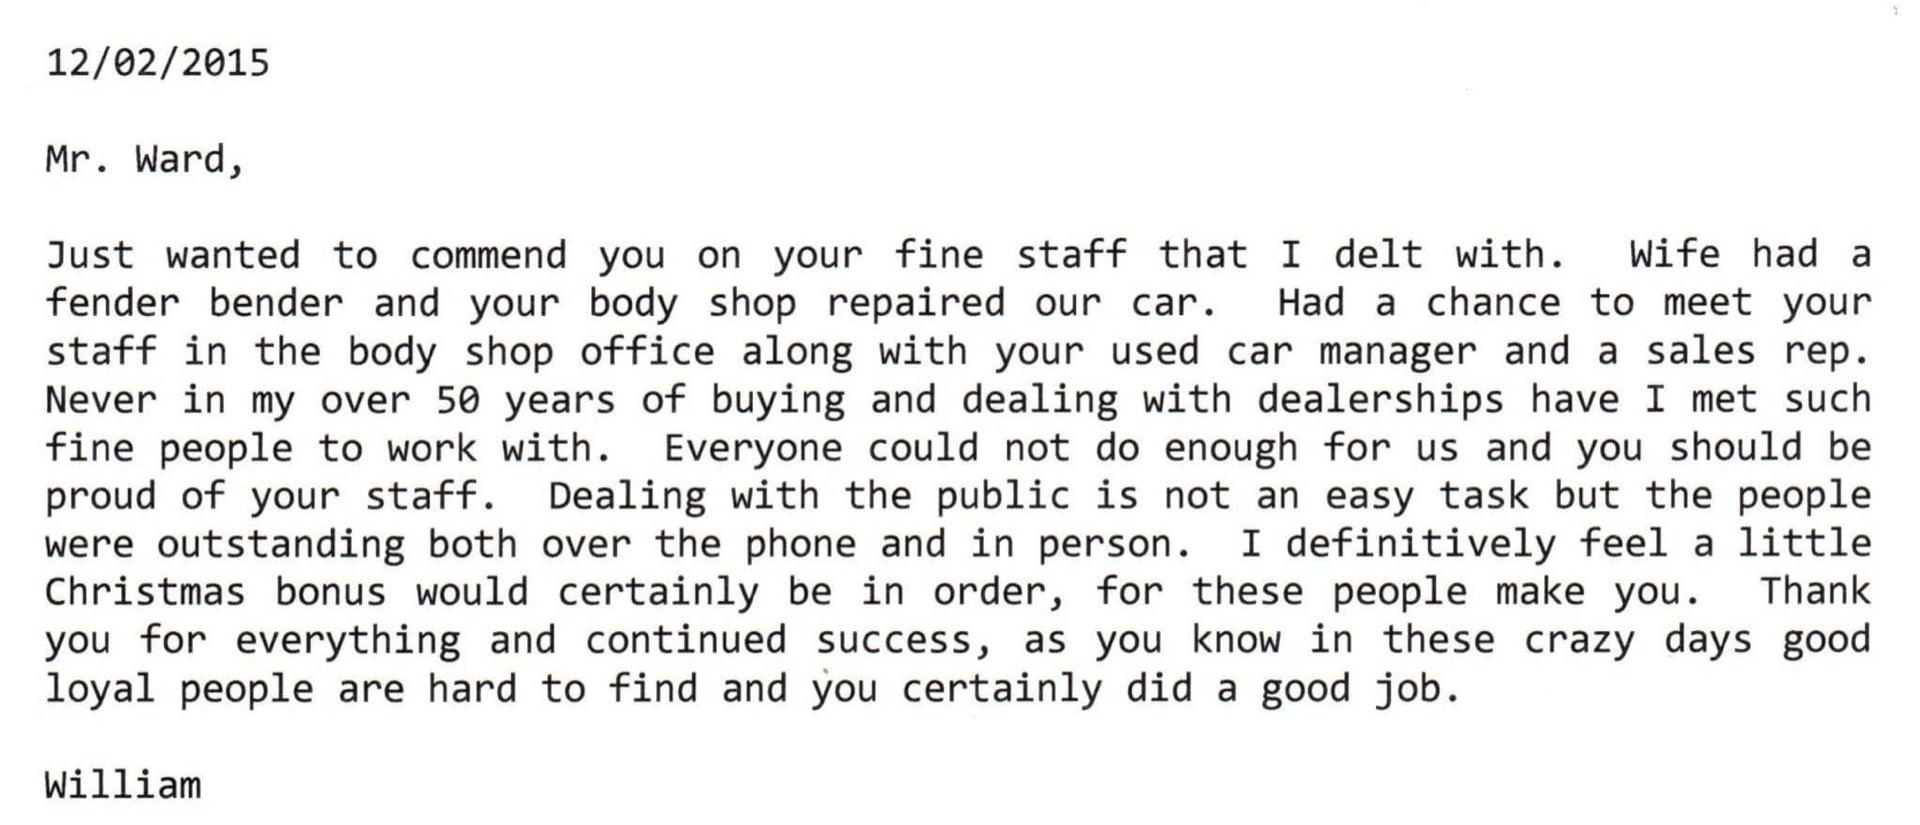 William's note to Mr Ward